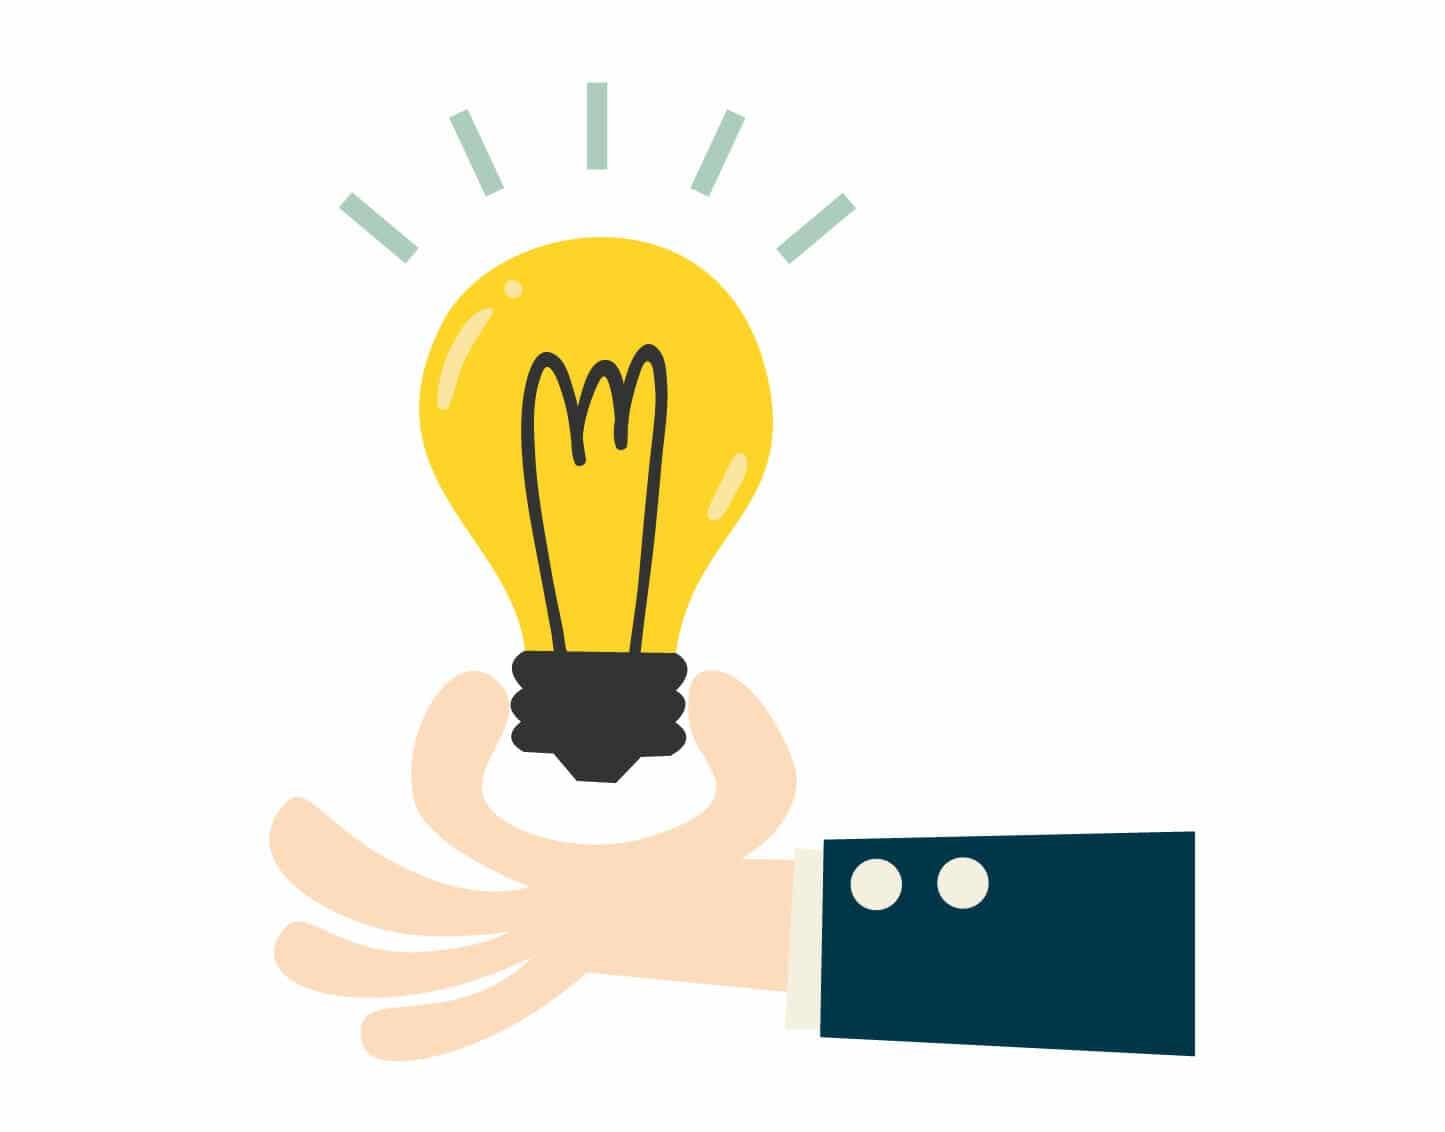 Sirope agencia diseño agencia creatividad marca bilbao idea